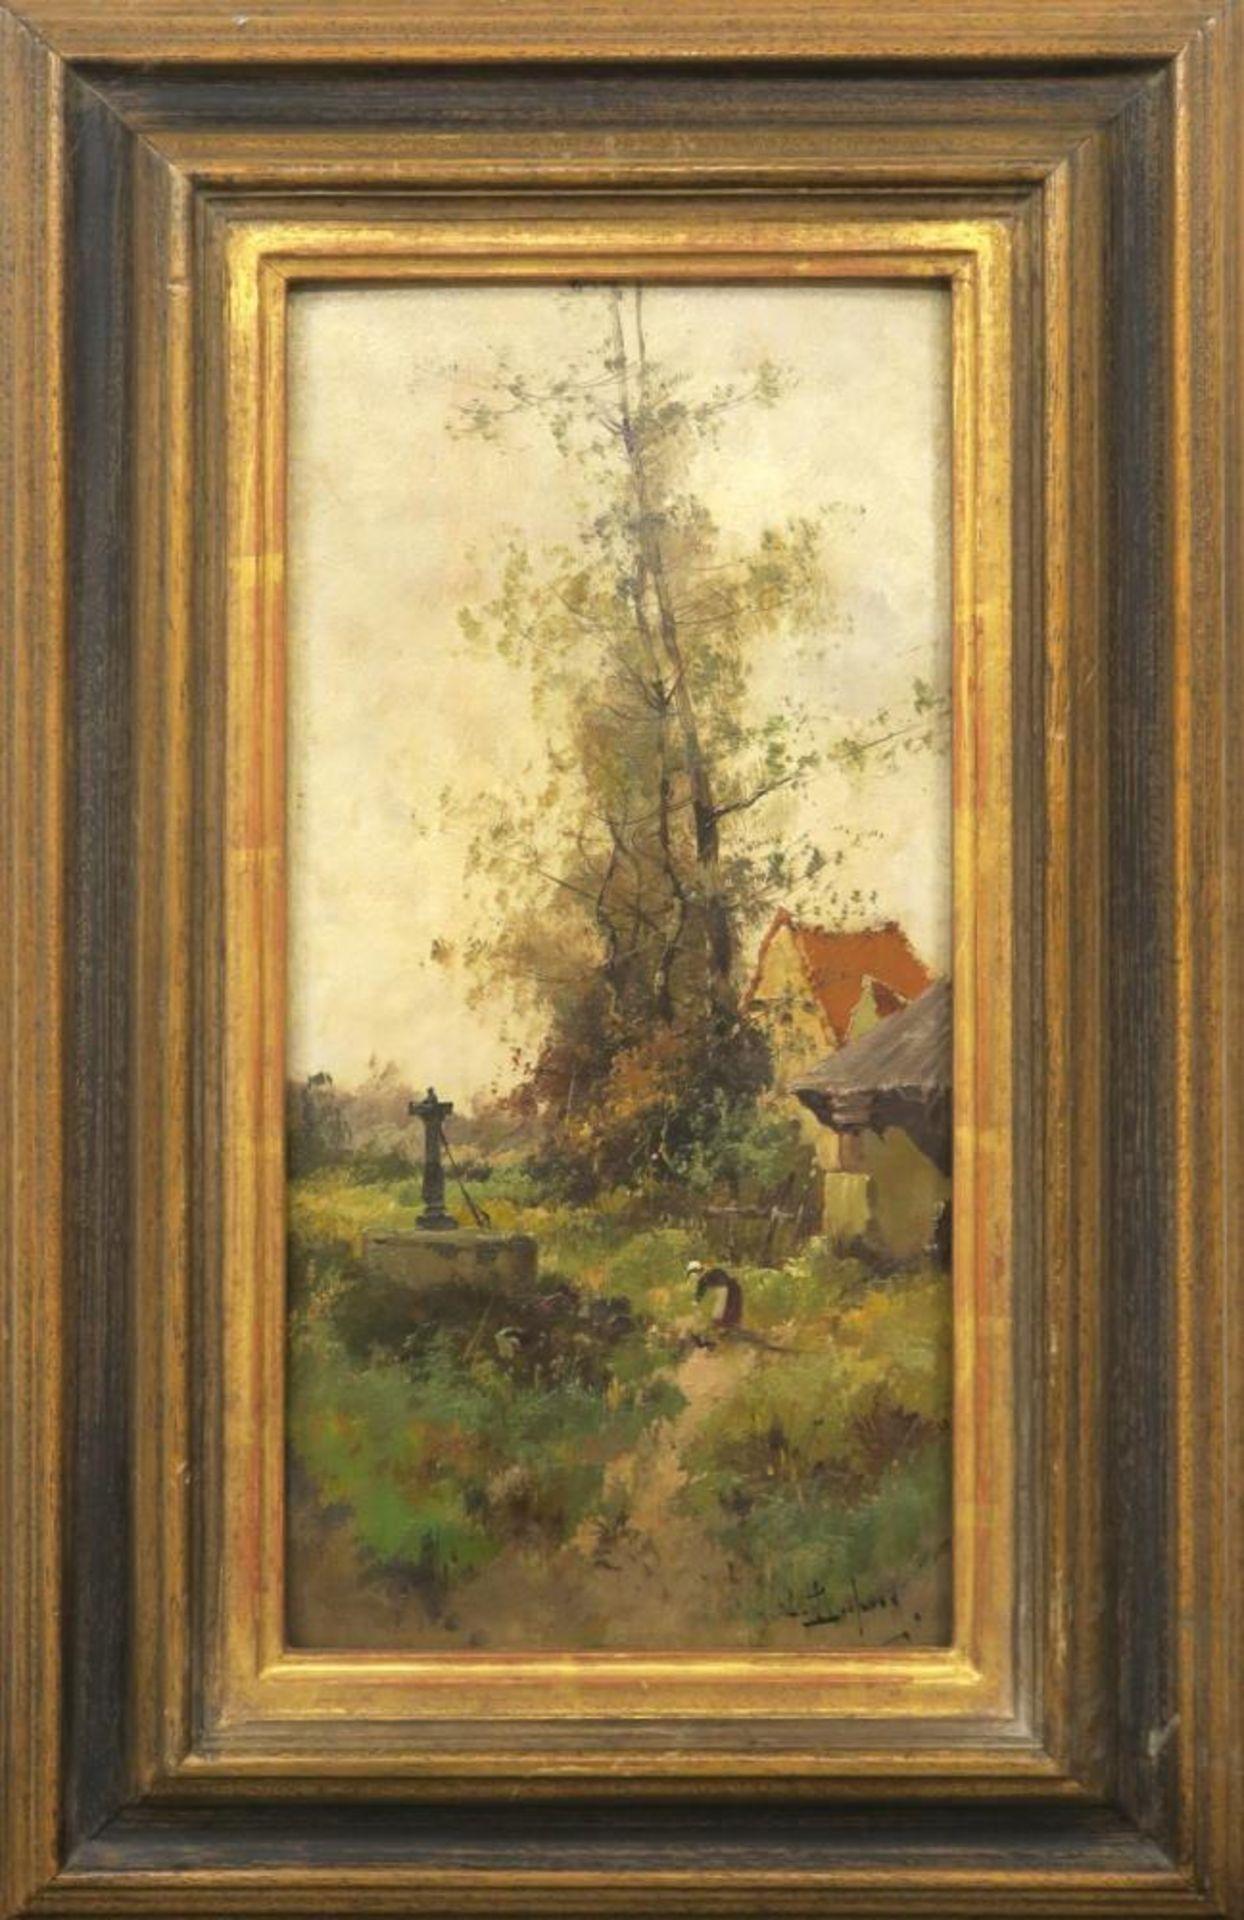 Landschaft mit Frau am Brunnen